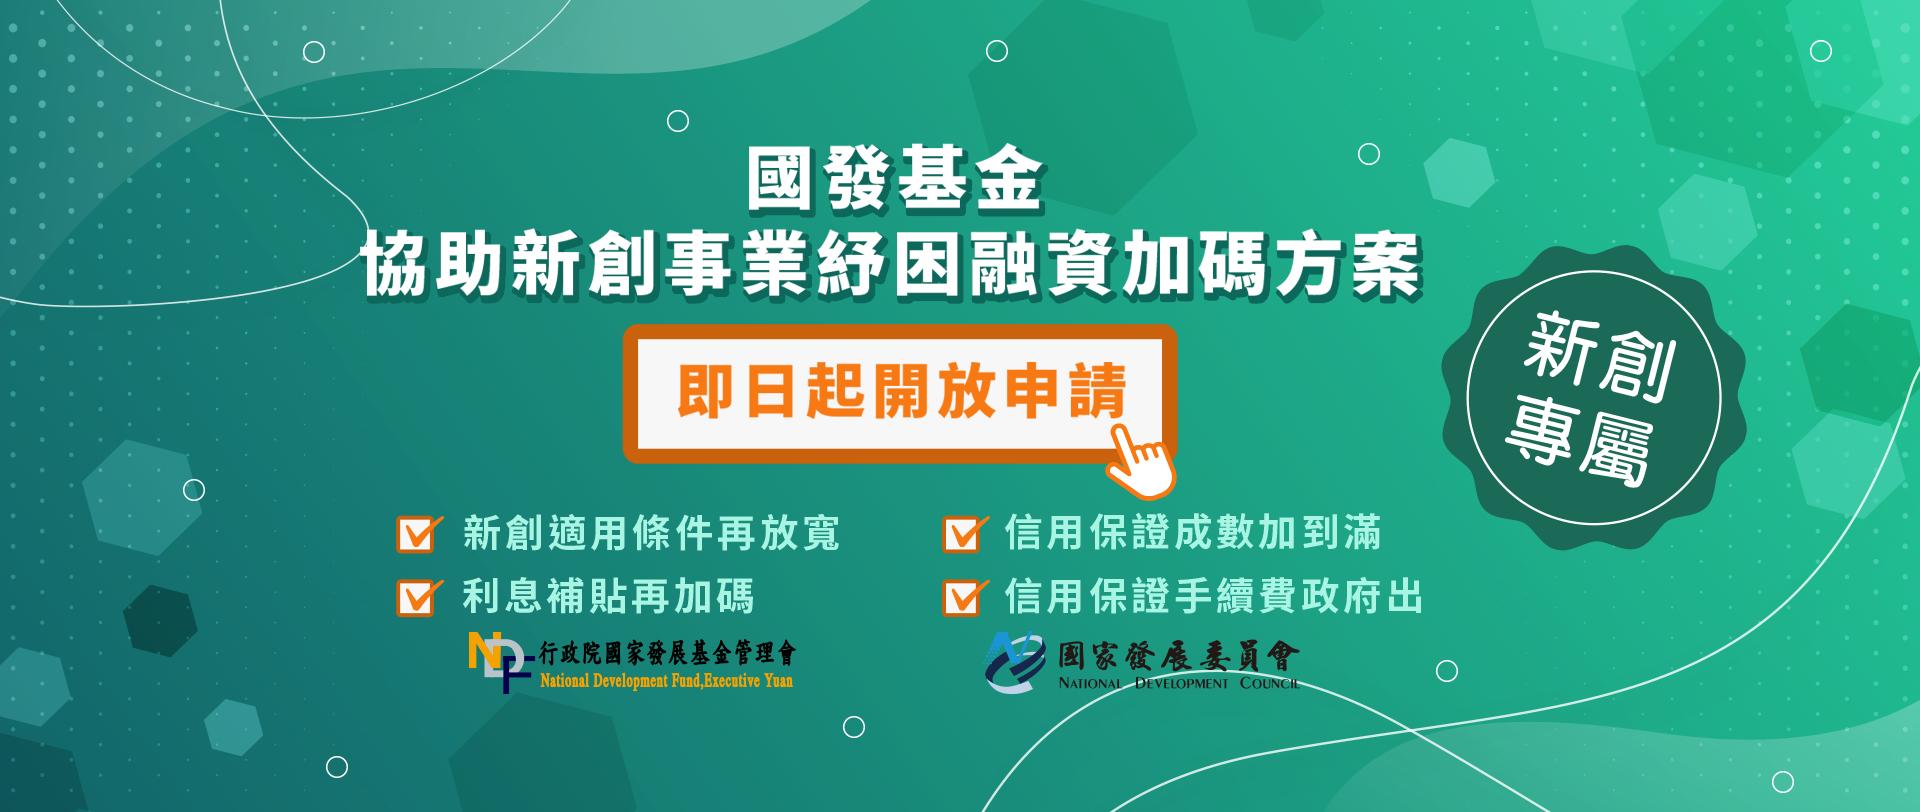 新創紓困專區 | 台灣新創資訊平台